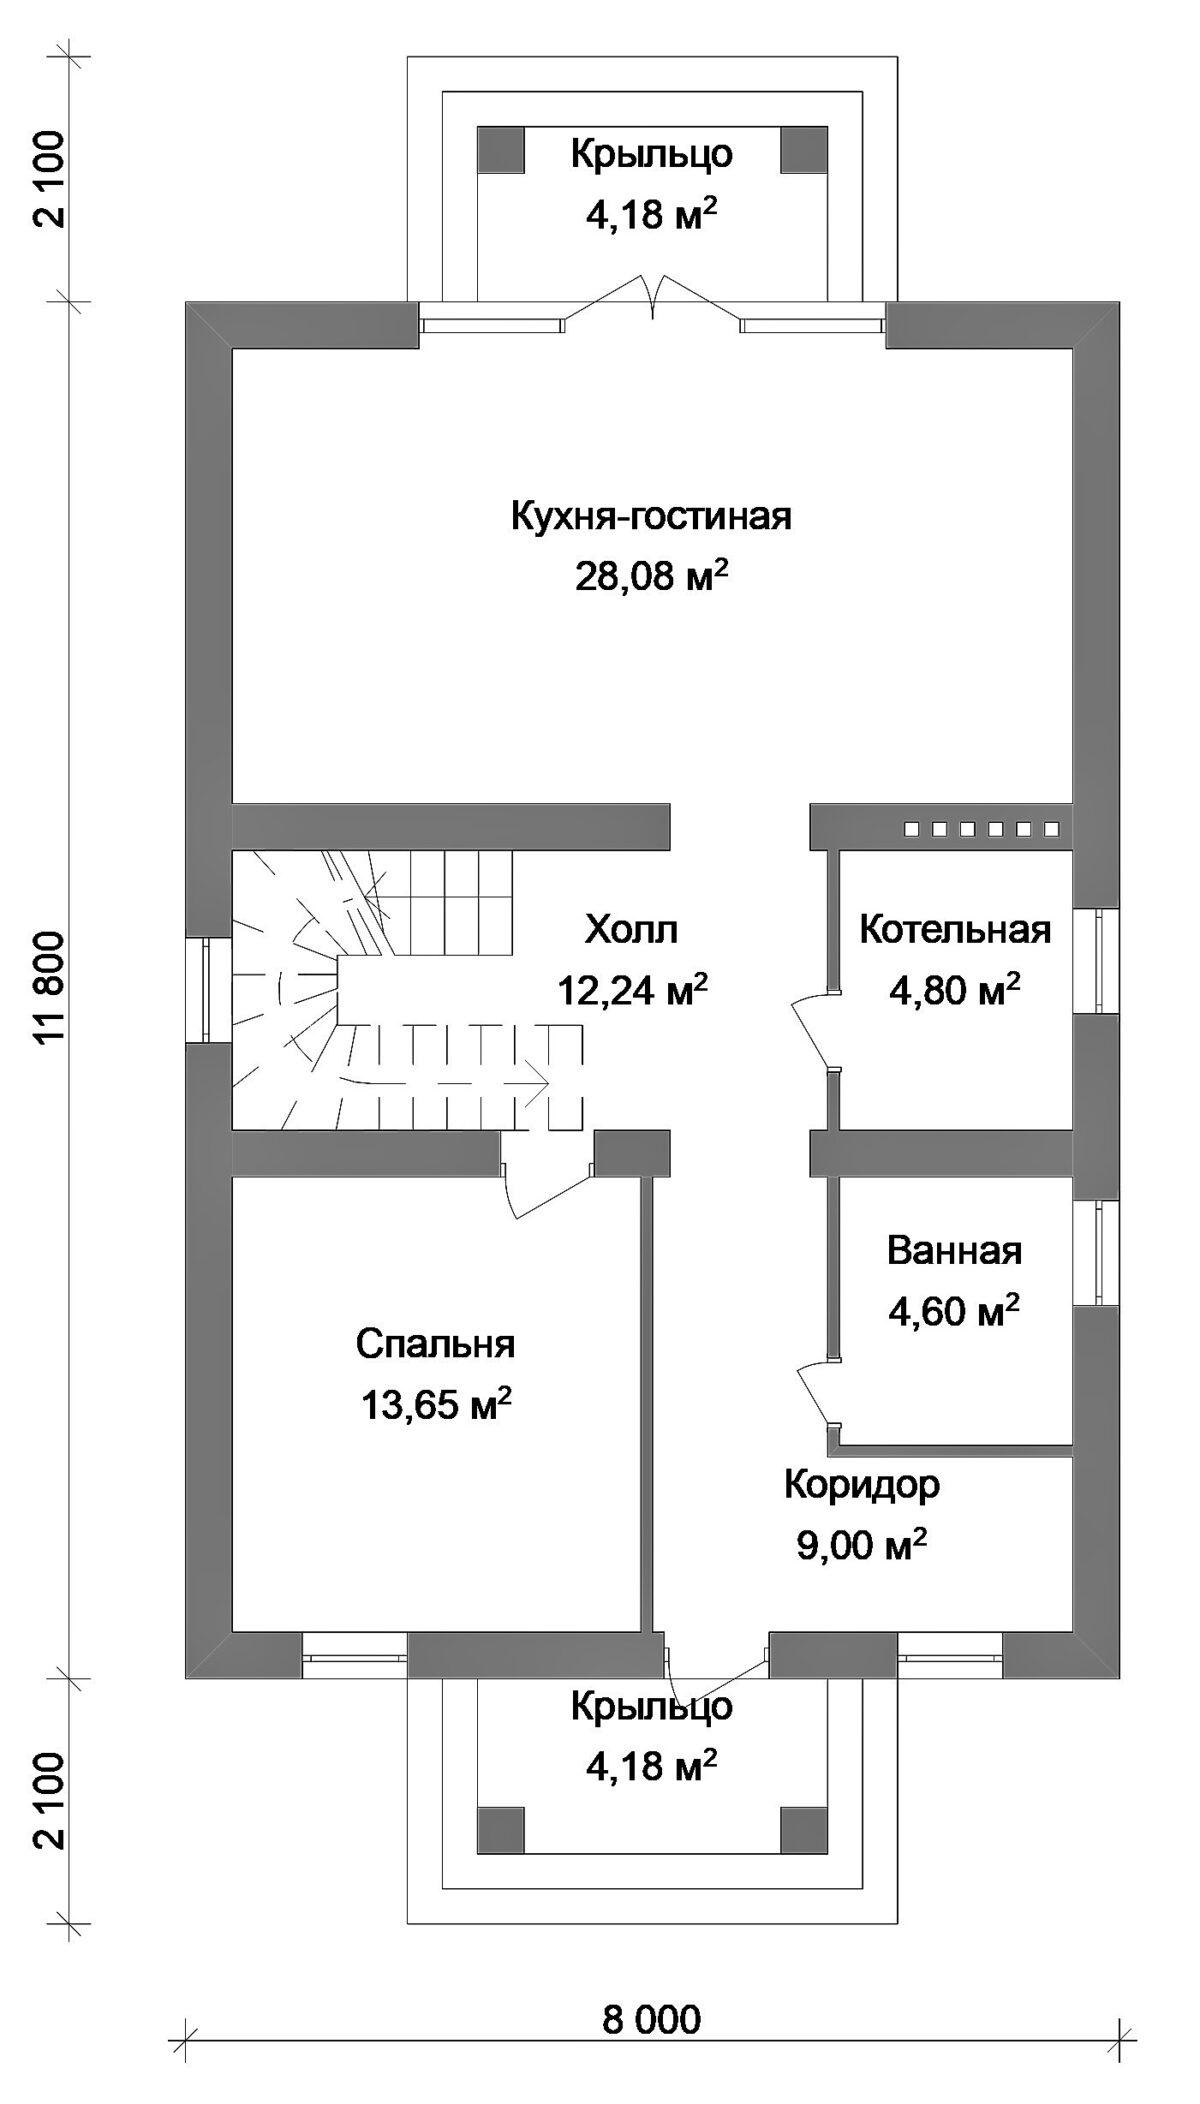 Призма C-017 с видеообзором. Проект небольшого двухэтажного дома на 4 спальни